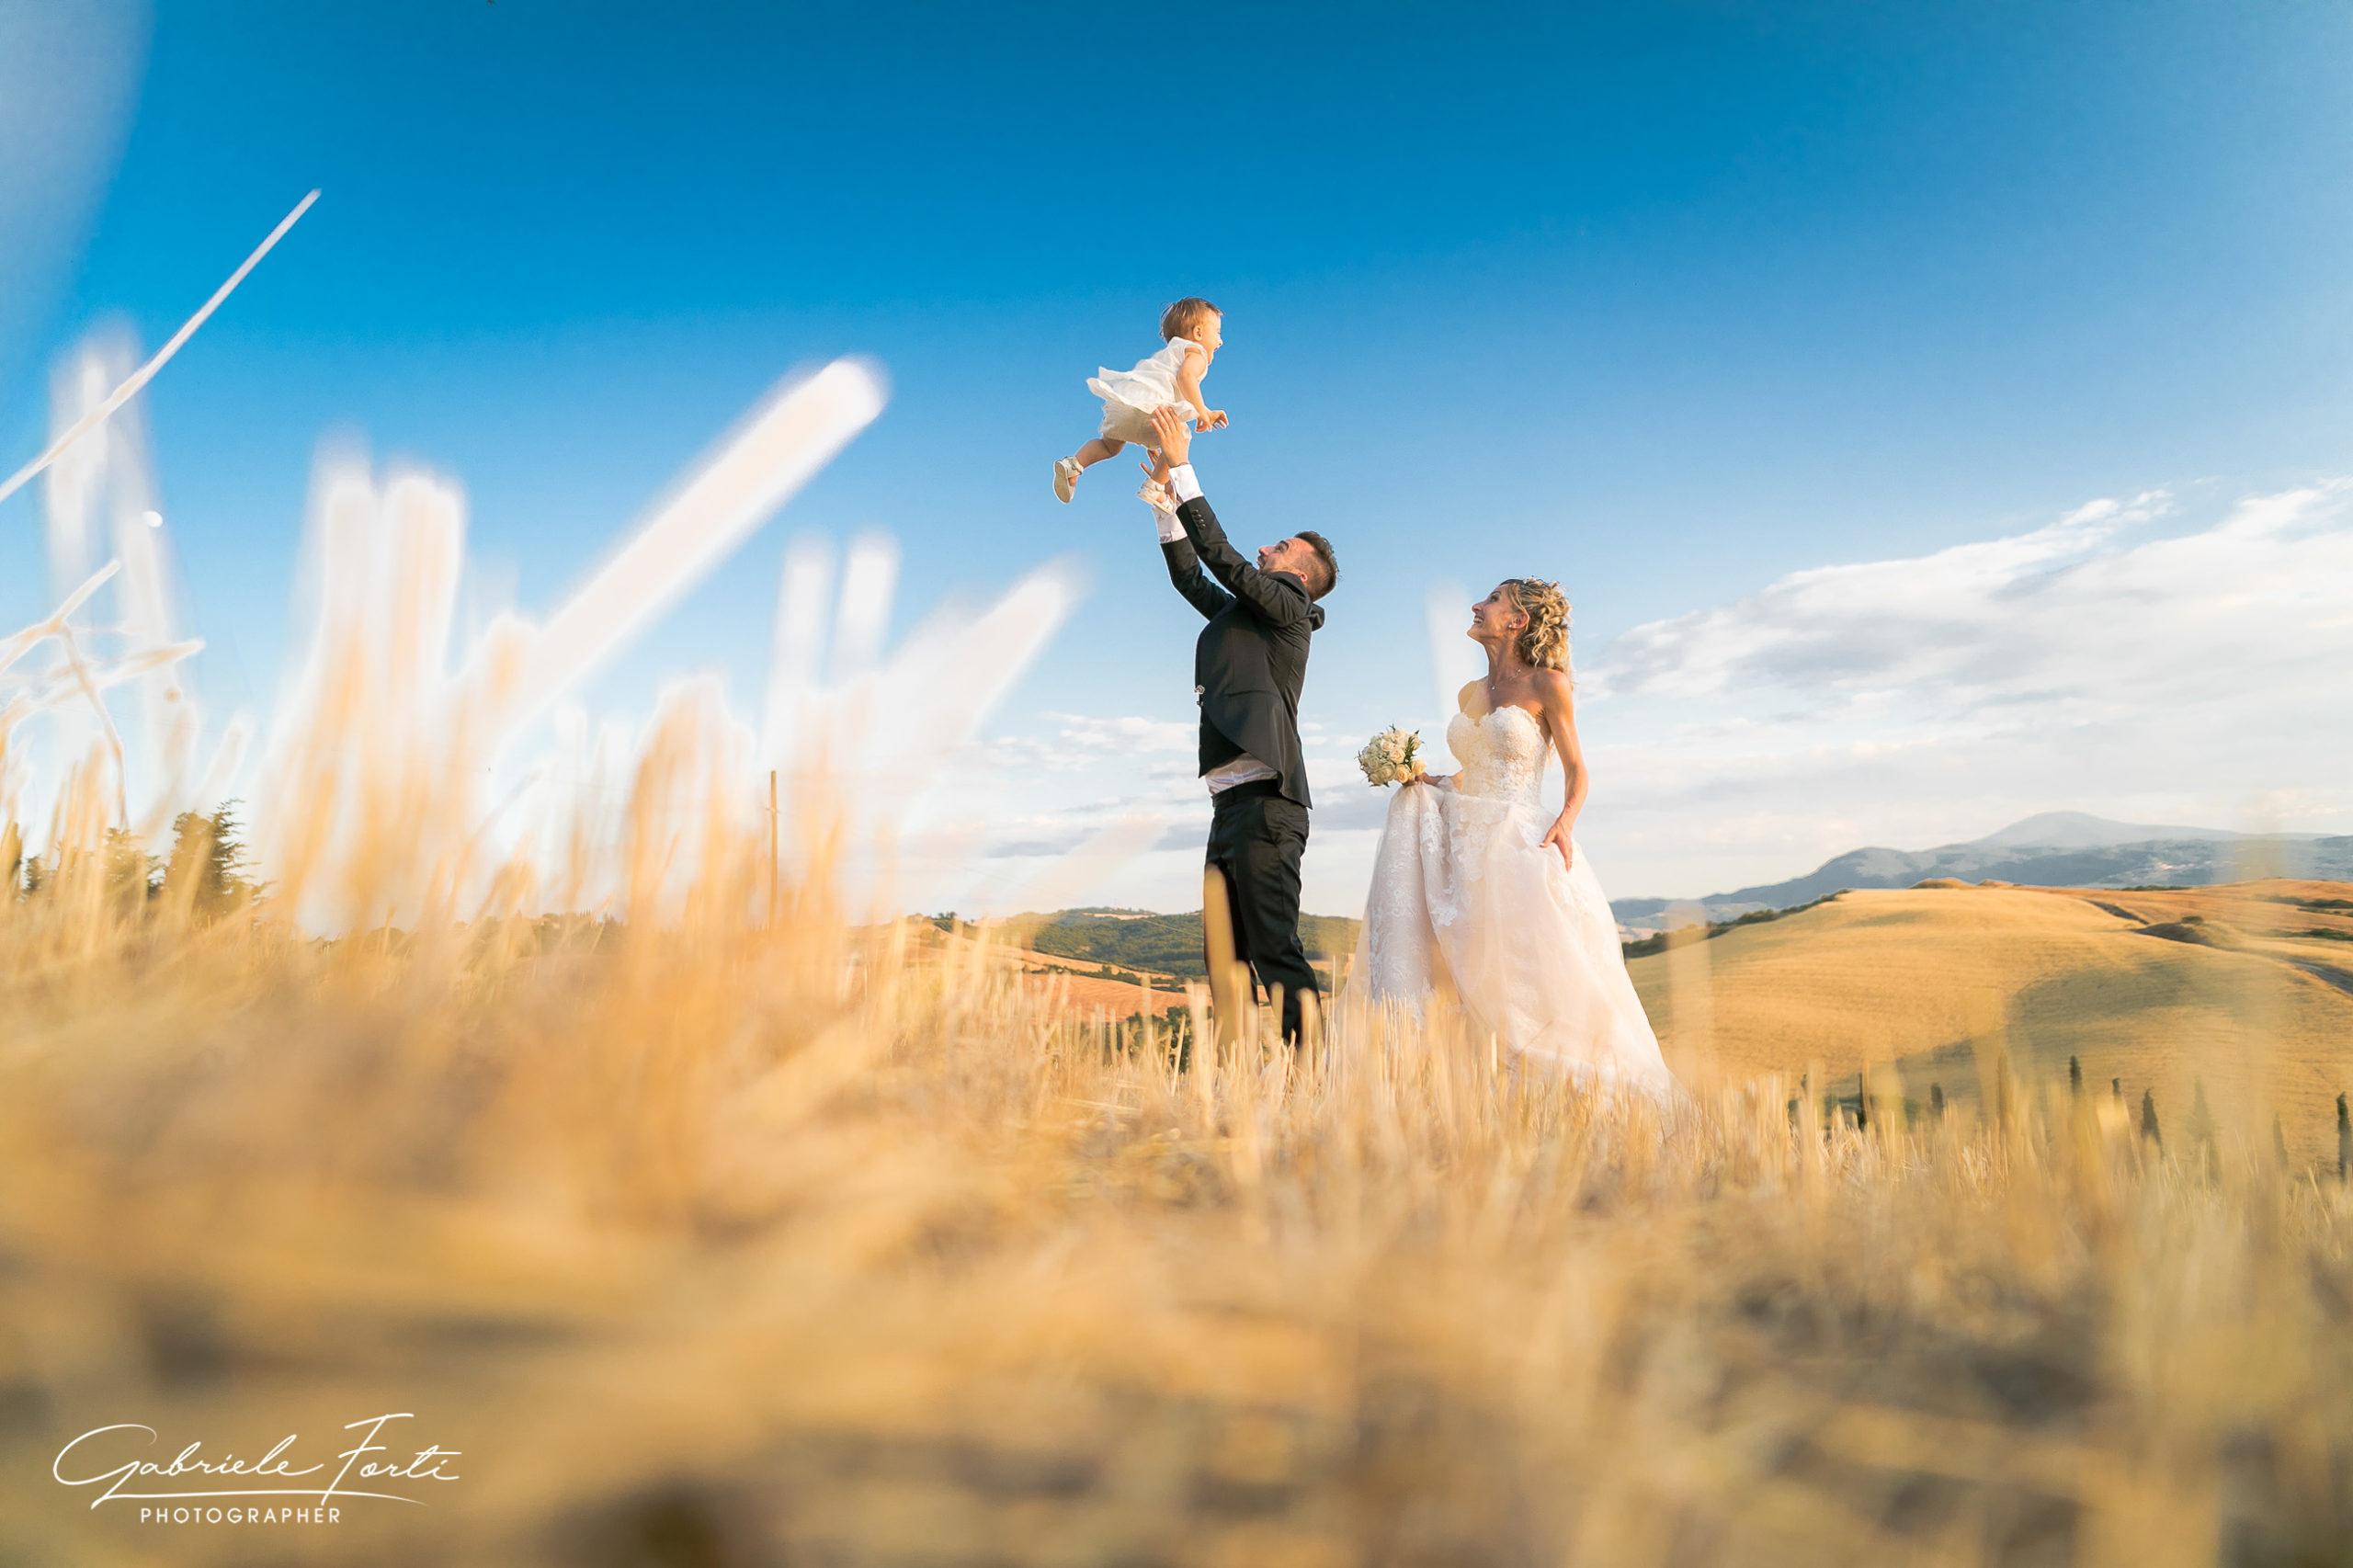 wedding-tuscany-siena-firenze-pienza-montepulciano-sposarsi-in-toscana-foto-forti-gabriele-1